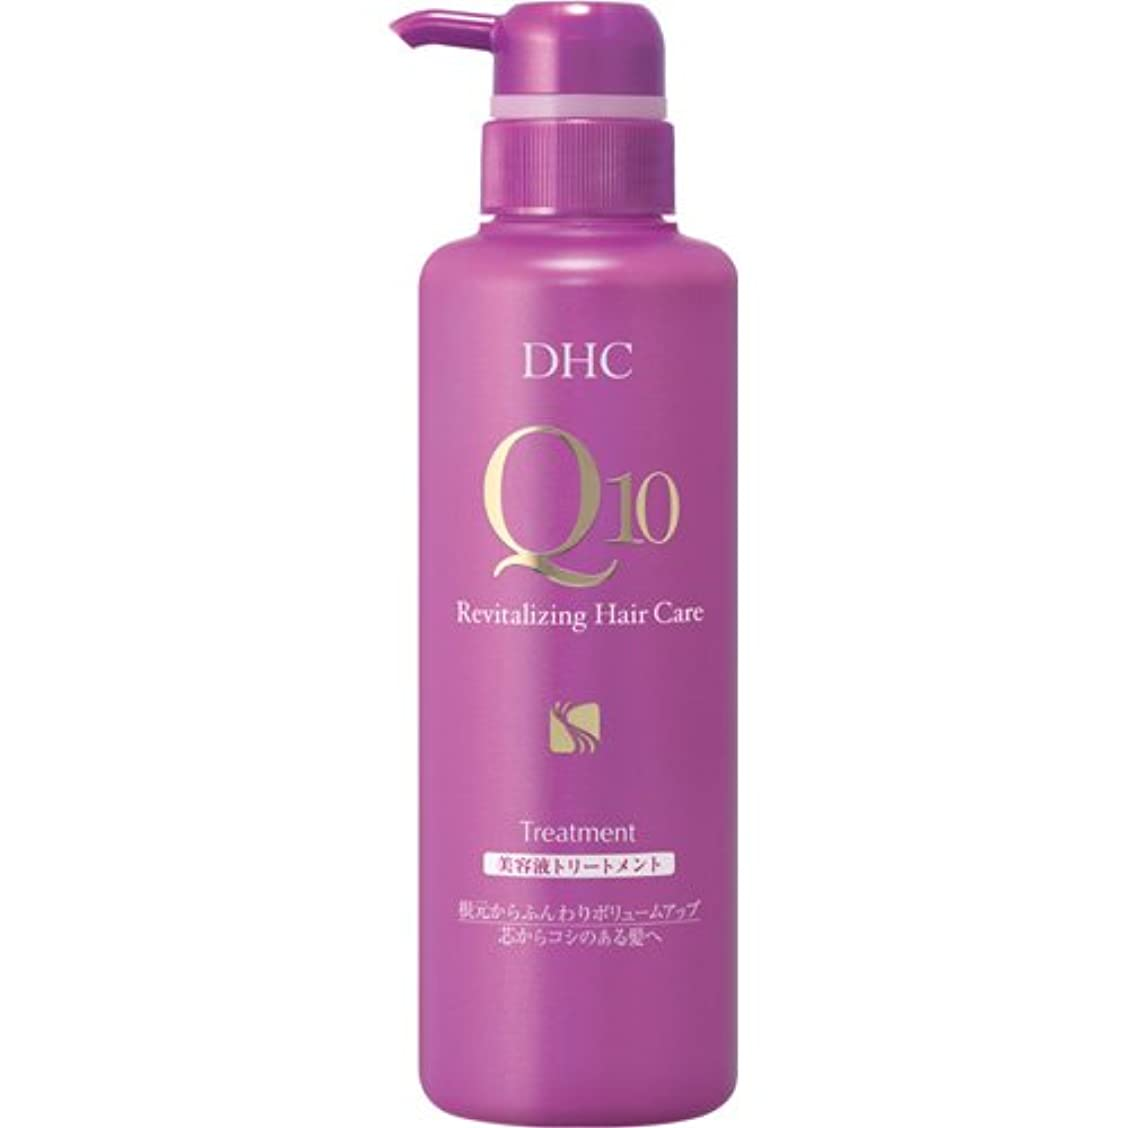 アジャ毛細血管素敵なDHC Q10美容液 トリートメント (SS)  330ml